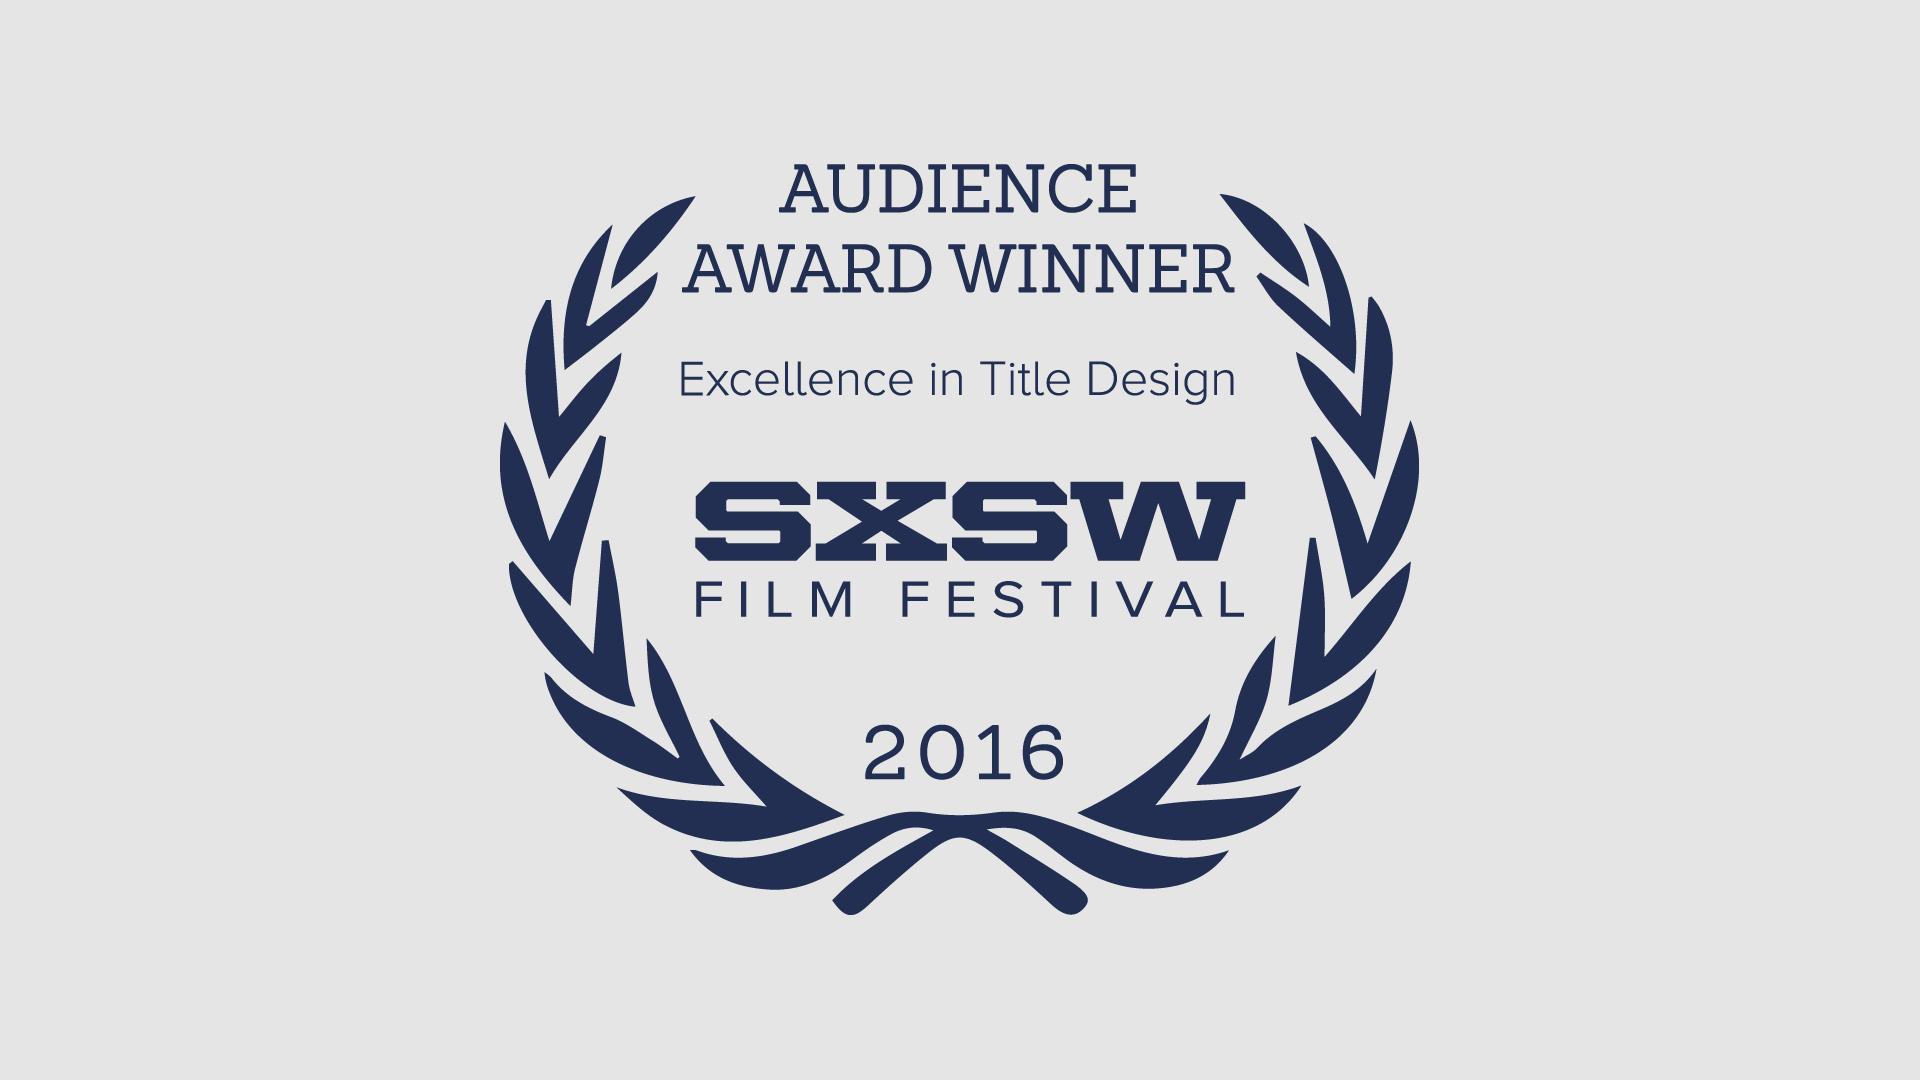 SXSW-award